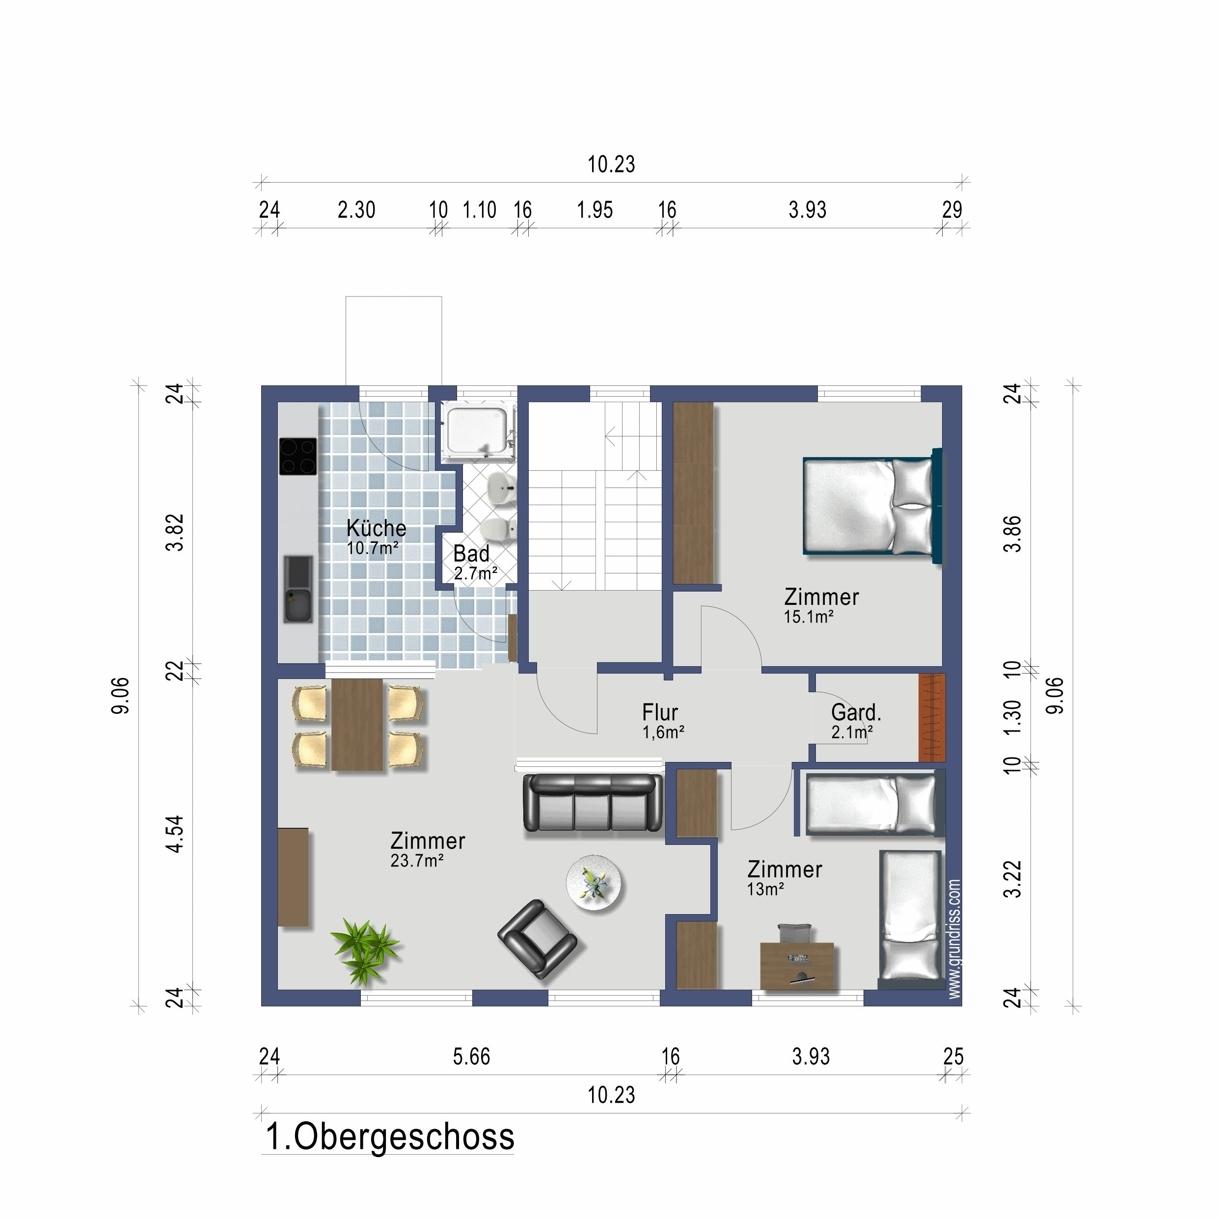 Wohnung im 1. Obergeschoss